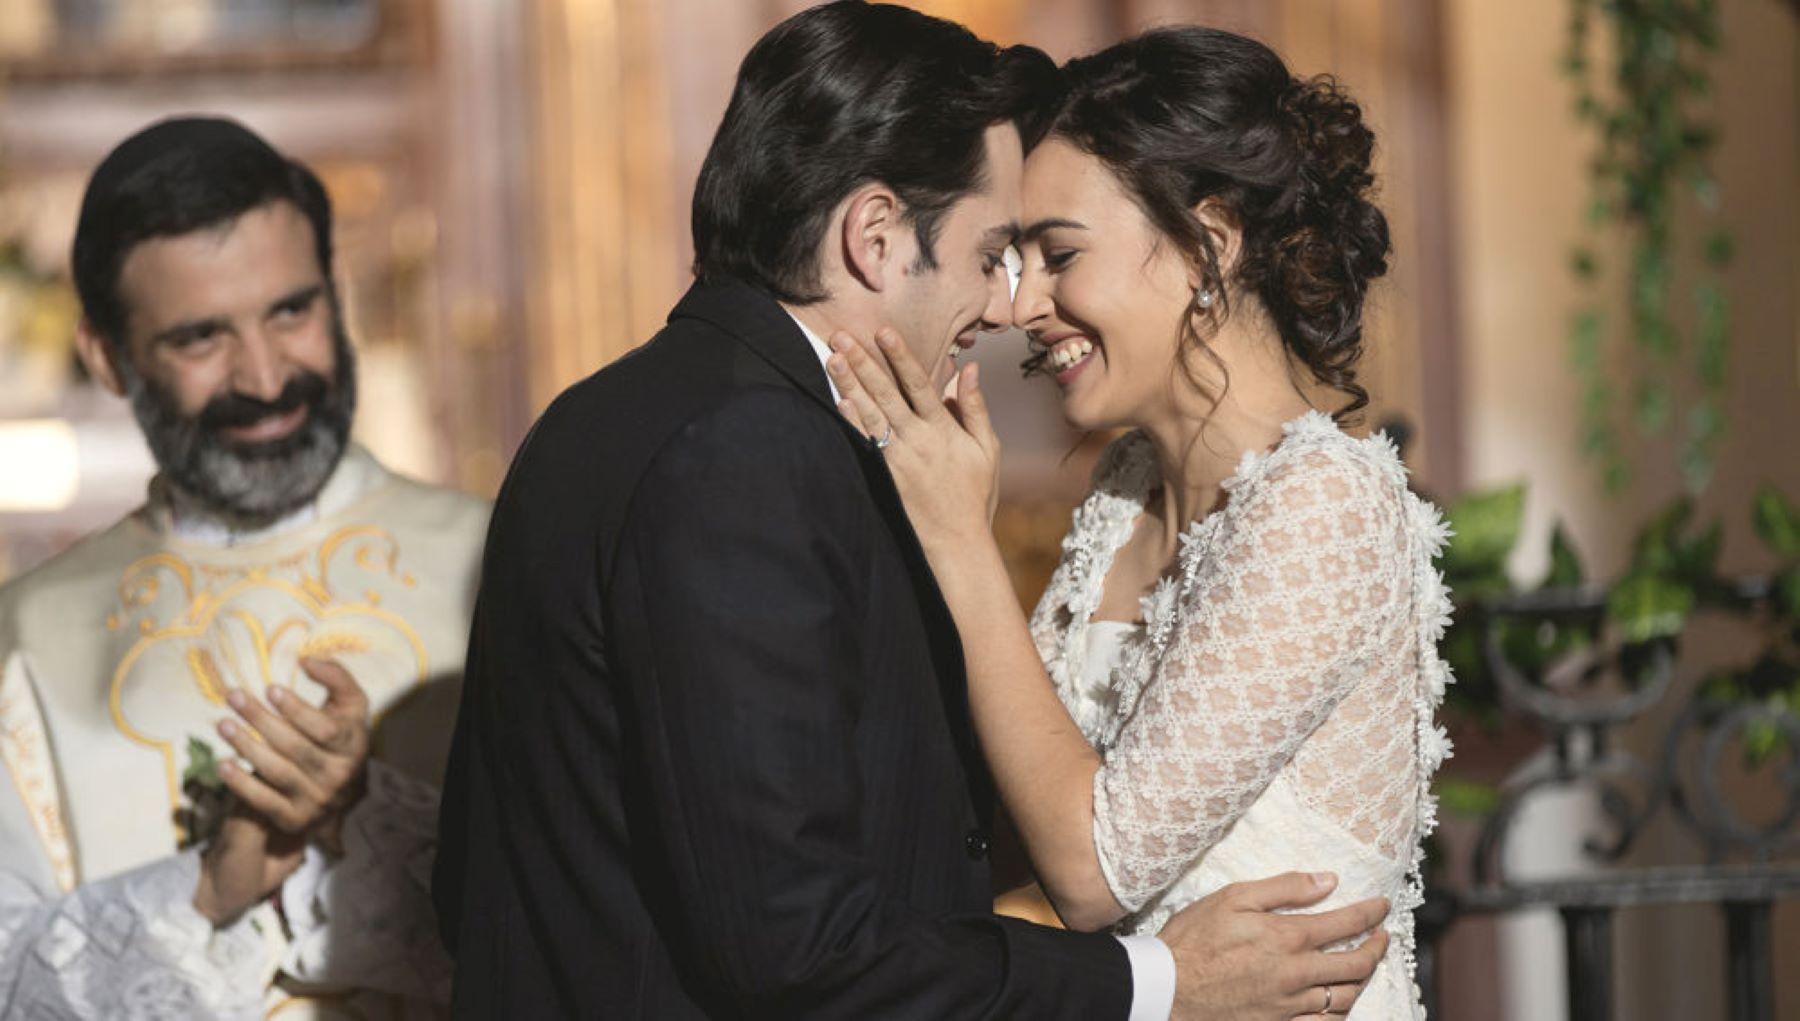 Il Segreto, puntate 3-8 marzo: Lola e Prudencio diventano marito e moglie